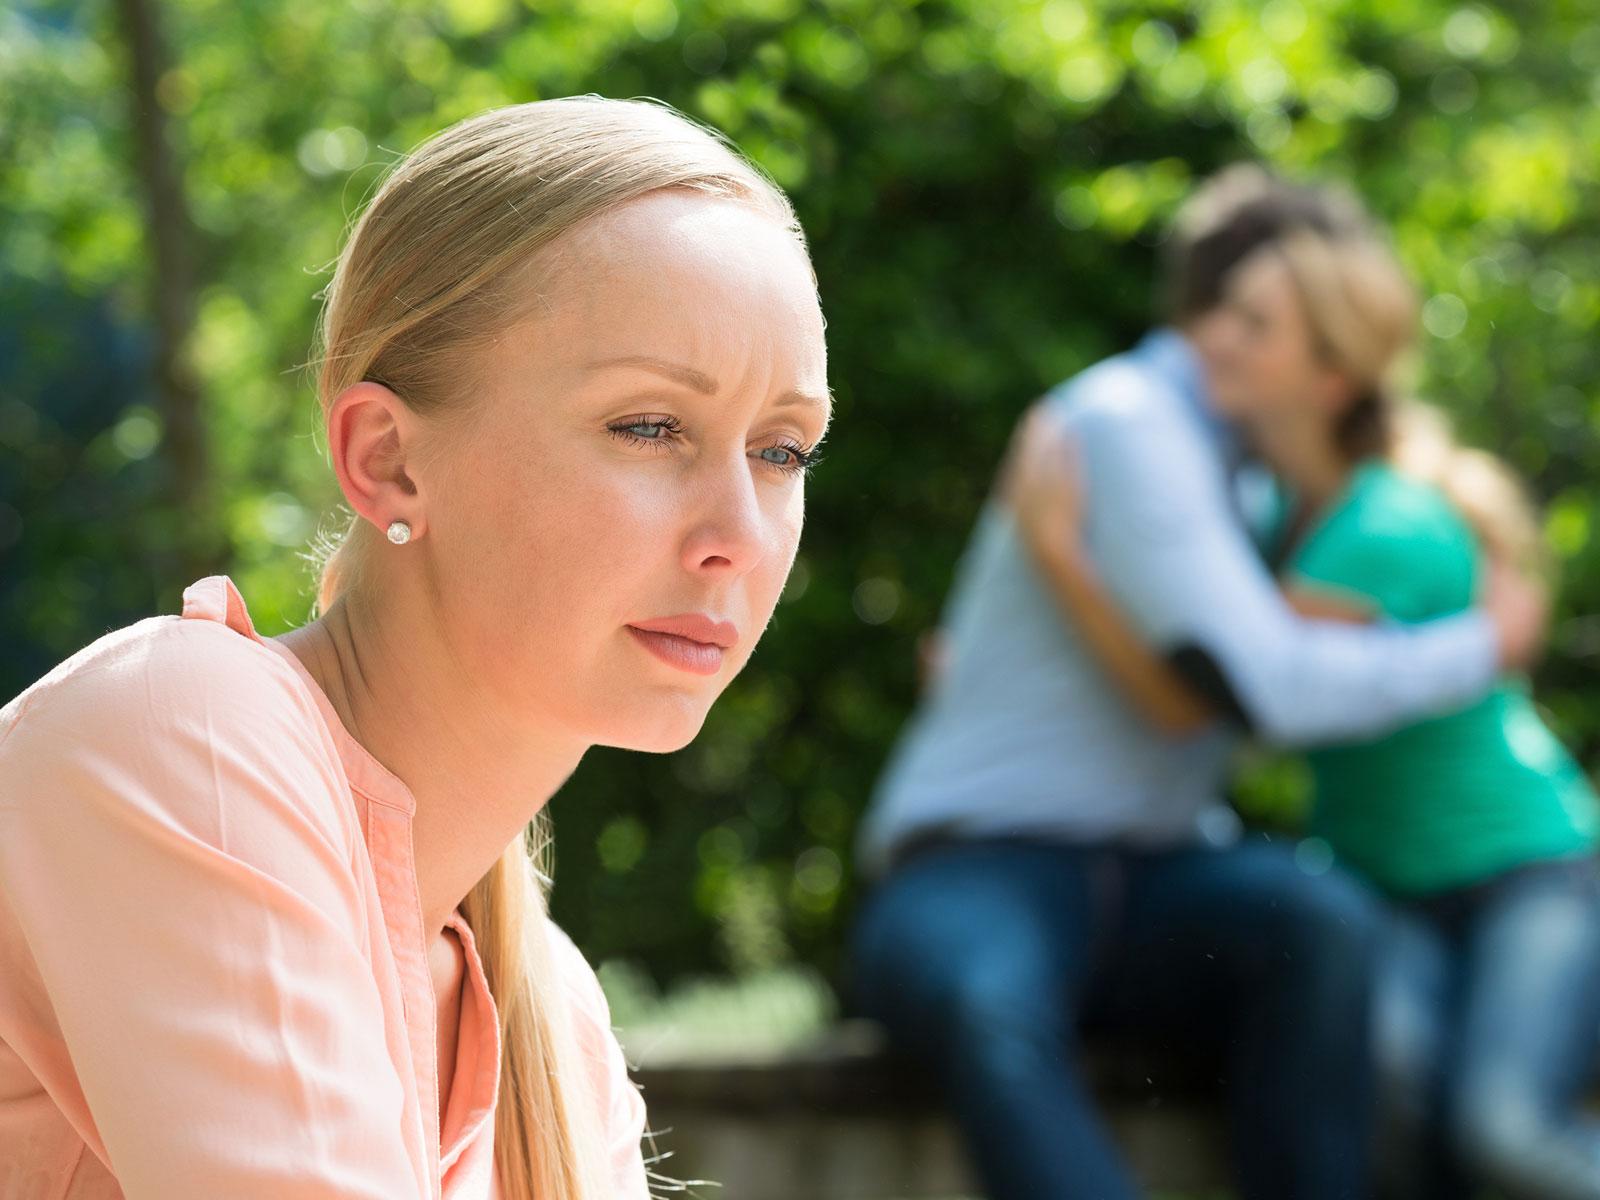 Estar-solteiro-é-sinal-de-uma-vocação-mal-sucedida